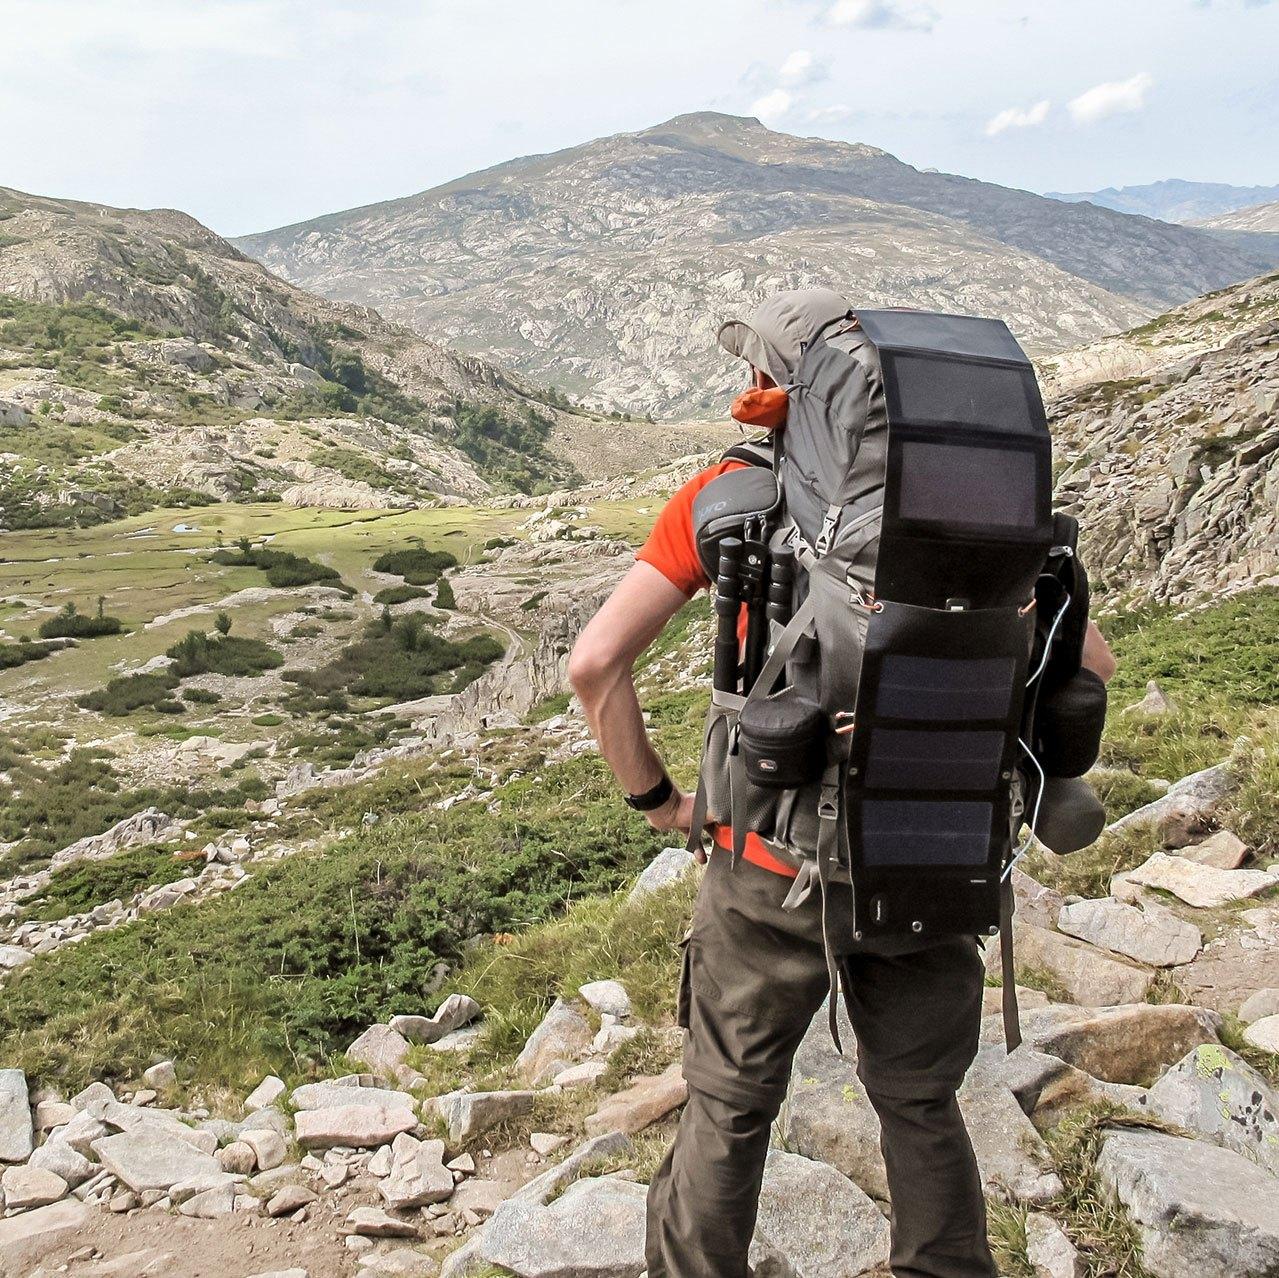 Chargeur solaire usb pour vos randonnées et GR en autonomie